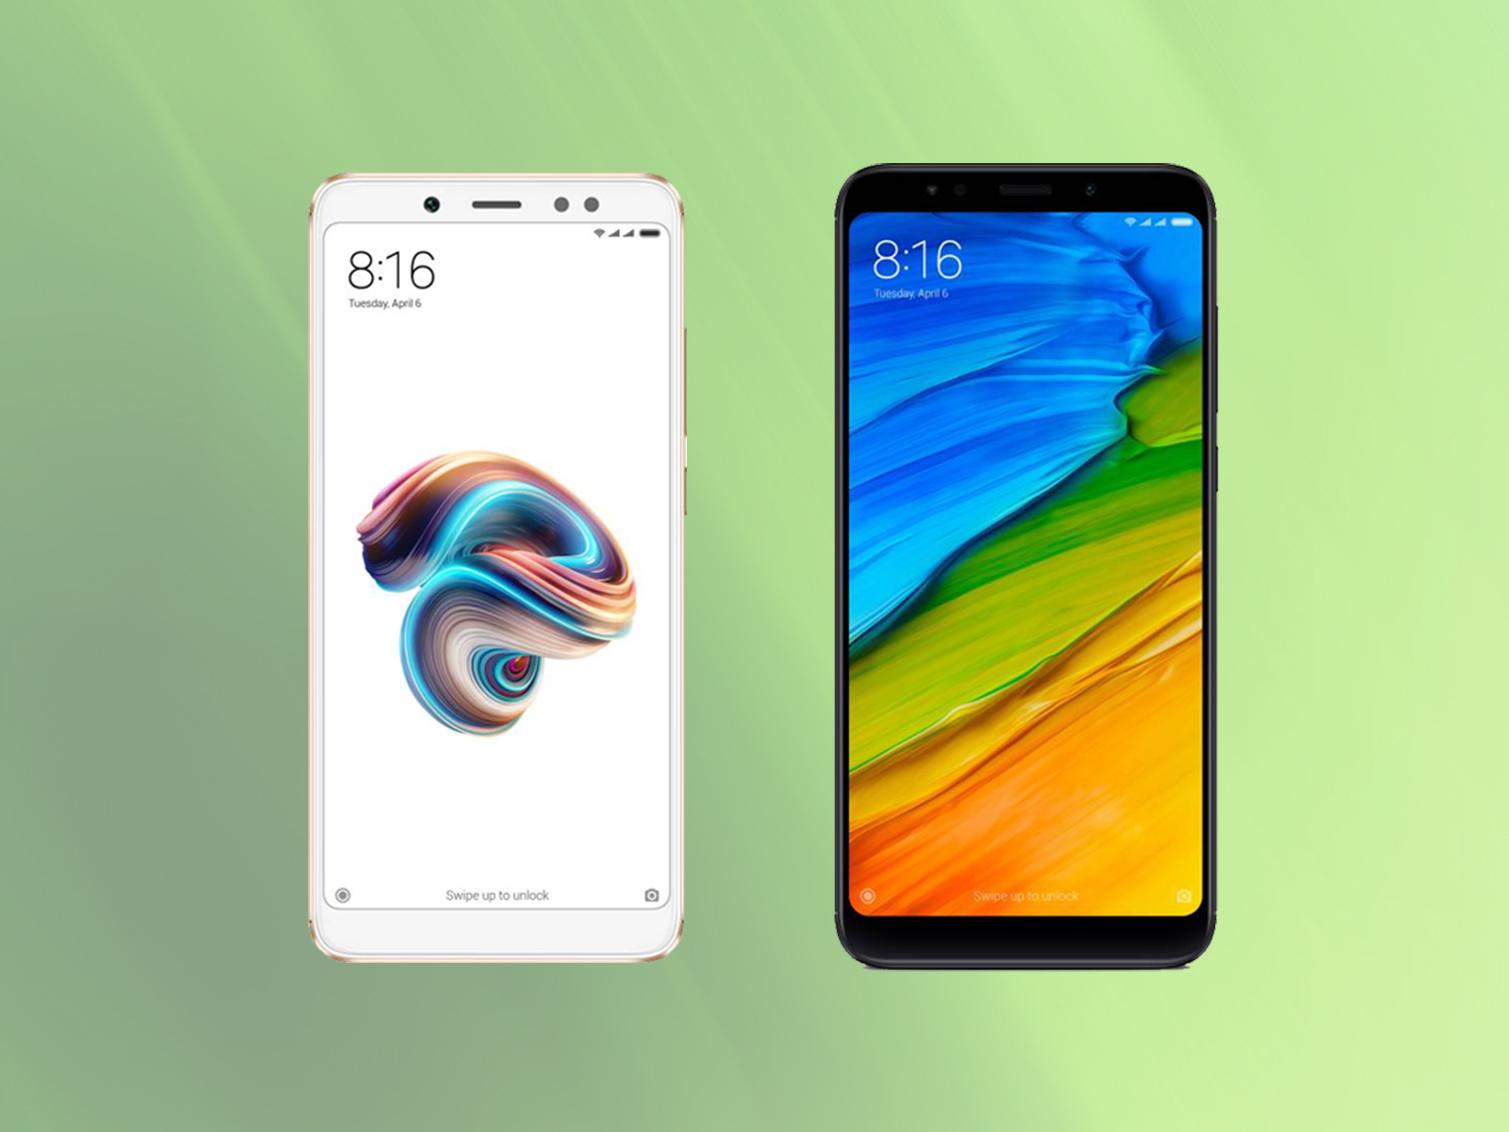 Ne vous trompez plus : voici les différences entre les Xiaomi Redmi Note 5 et Redmi 5/5 Plus